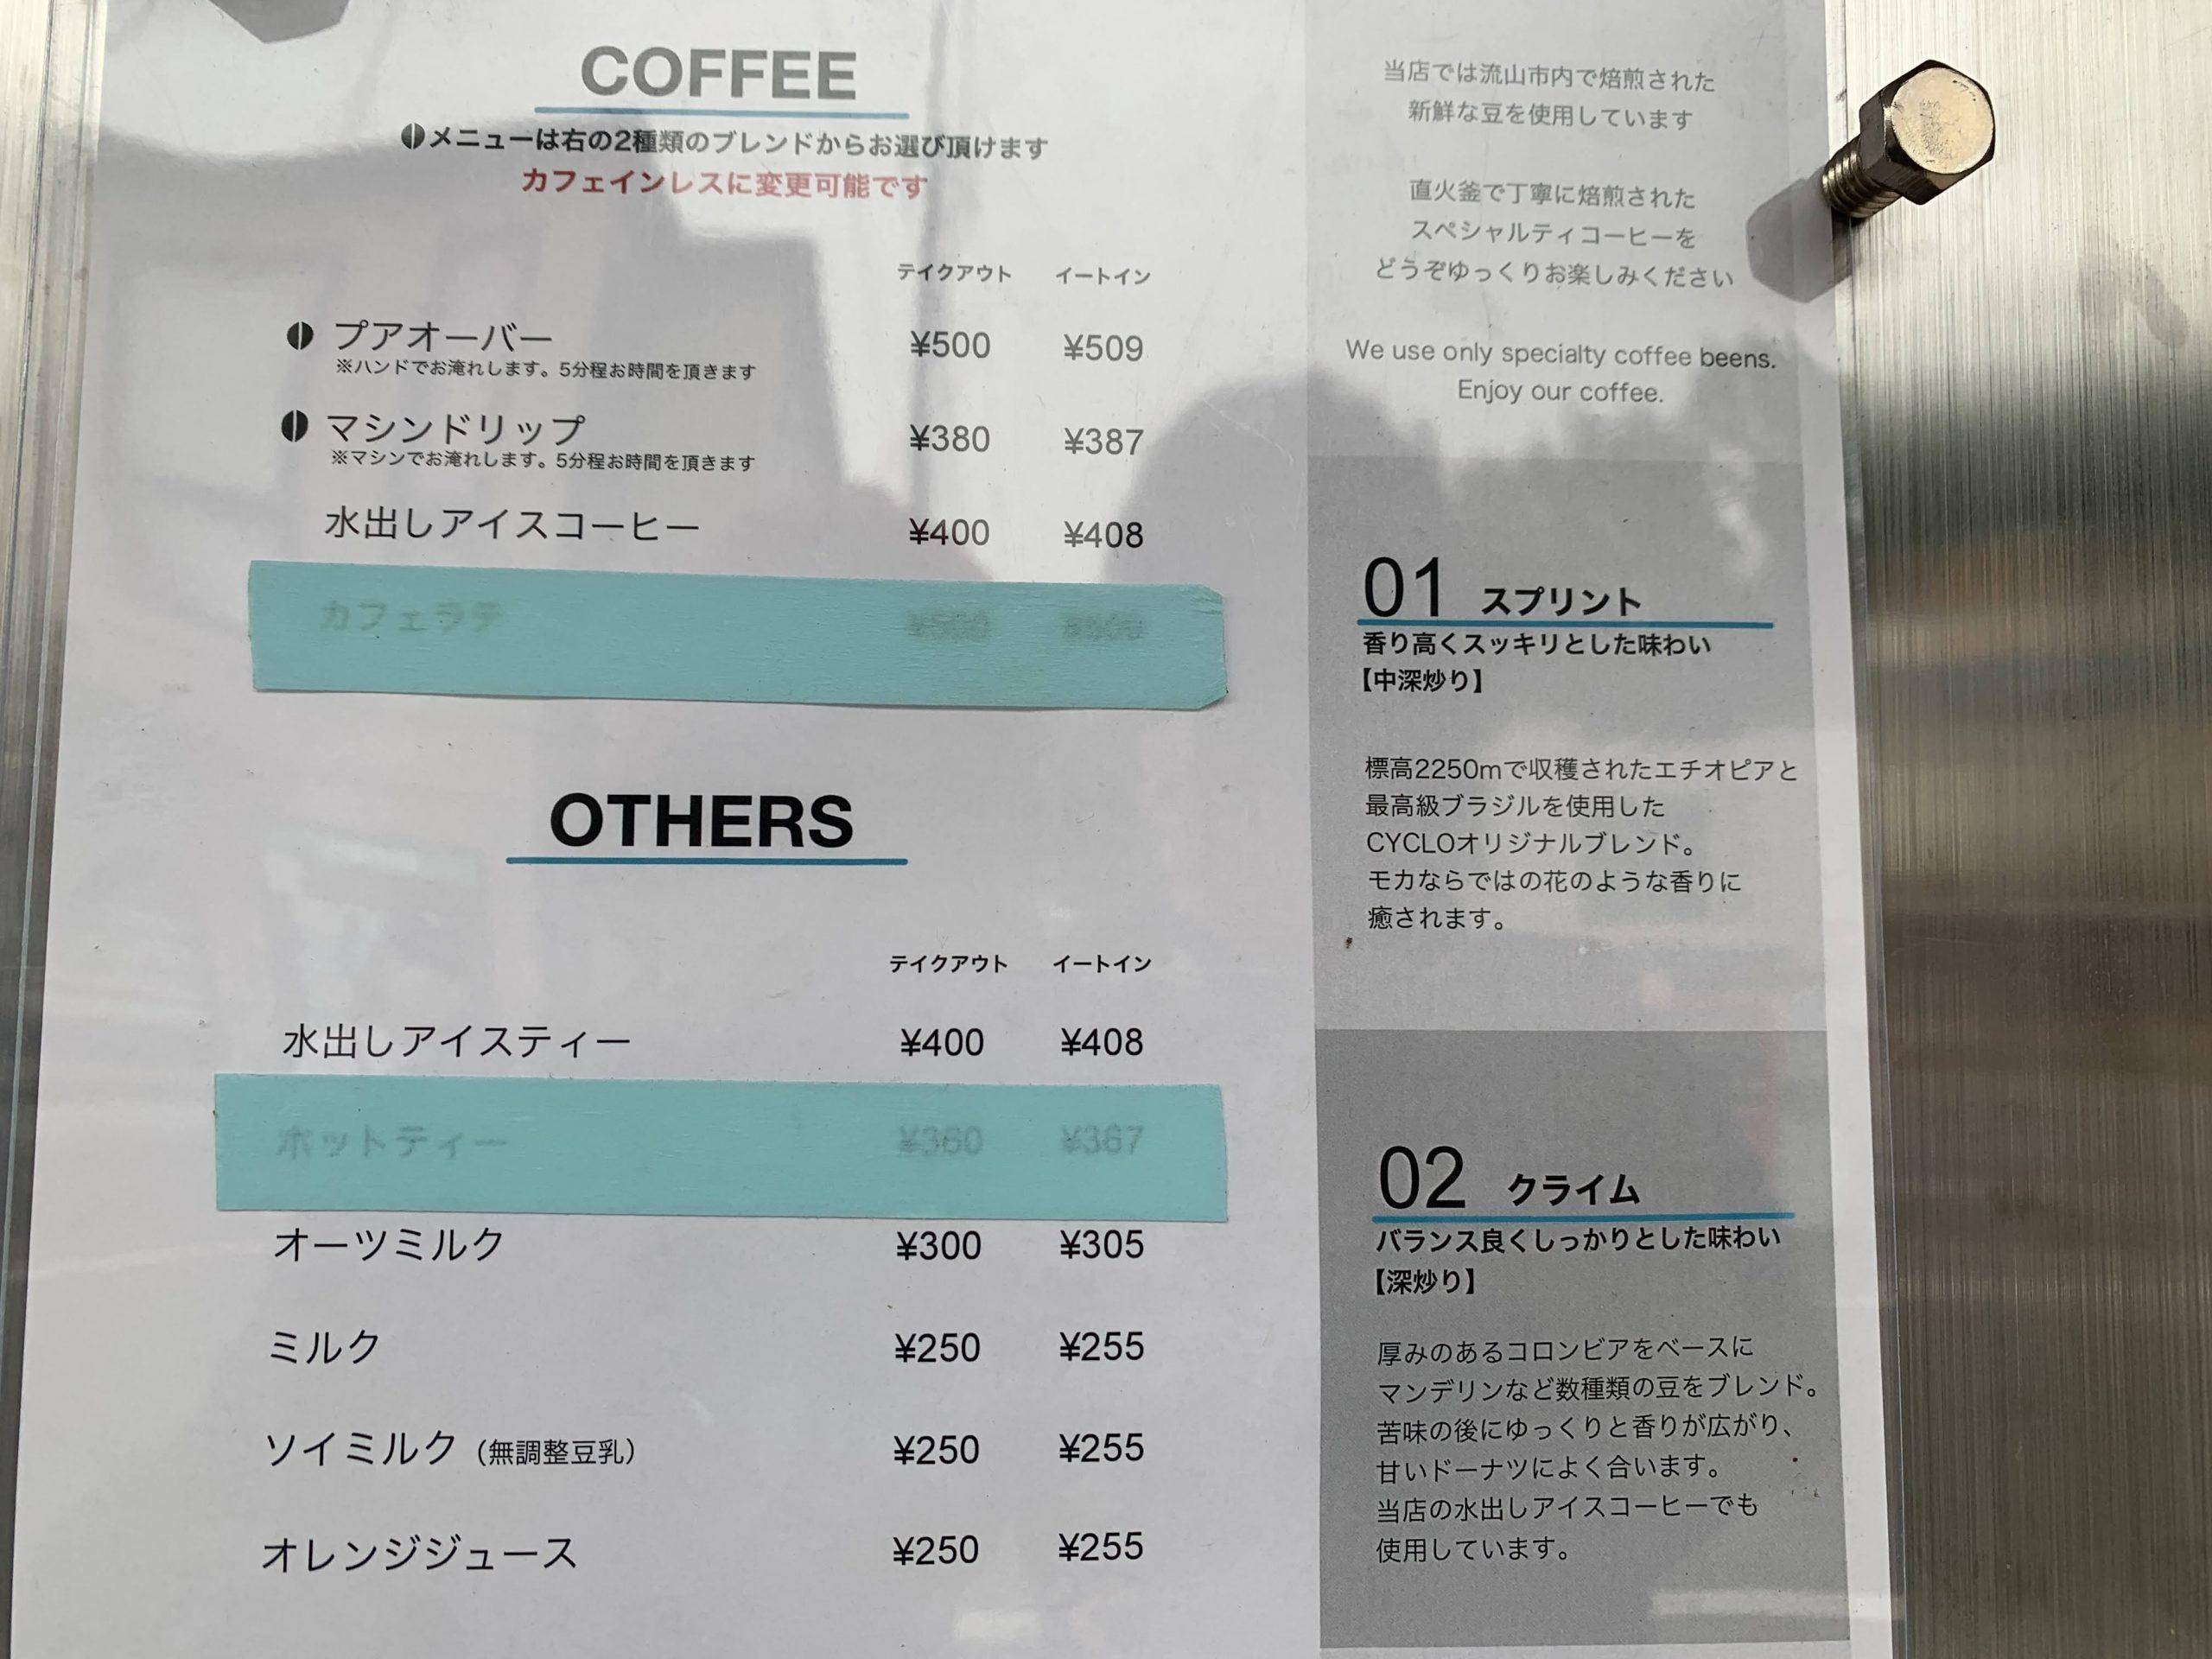 【サイクルラックあり】江戸川CRで行けるドーナツ屋さんのカフェCYCLO!&お隣のタイ&ベトナム料理CHOLONへGO!